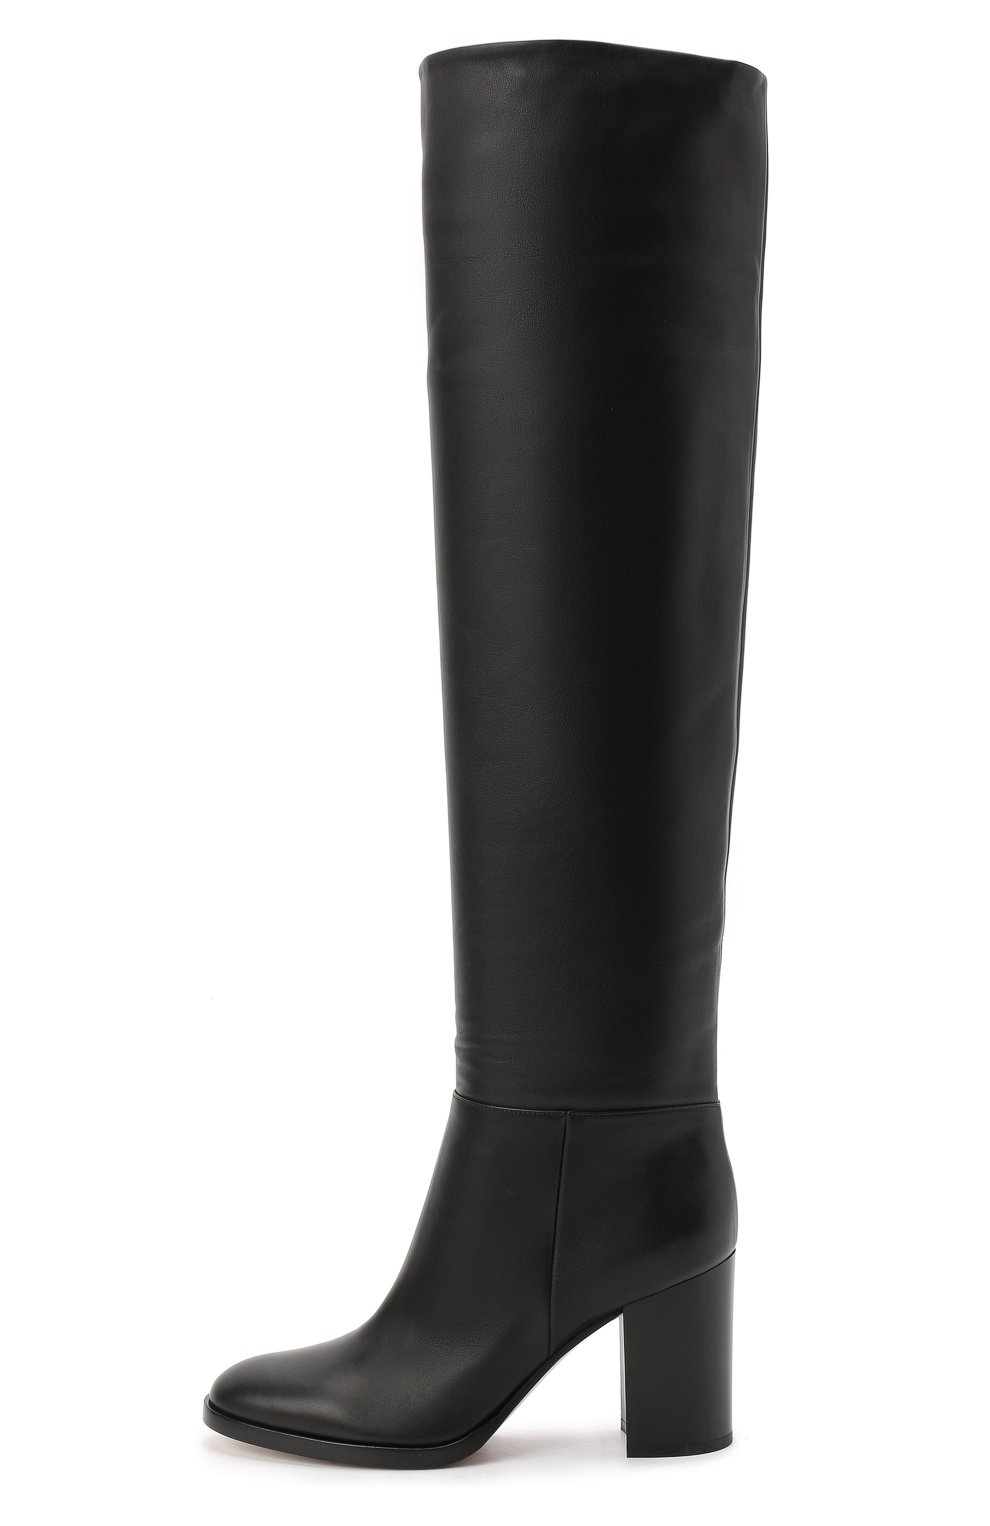 Женские кожаные сапоги daywear GIANVITO ROSSI черного цвета, арт. G80484.85CU0.VGTNER0 | Фото 3